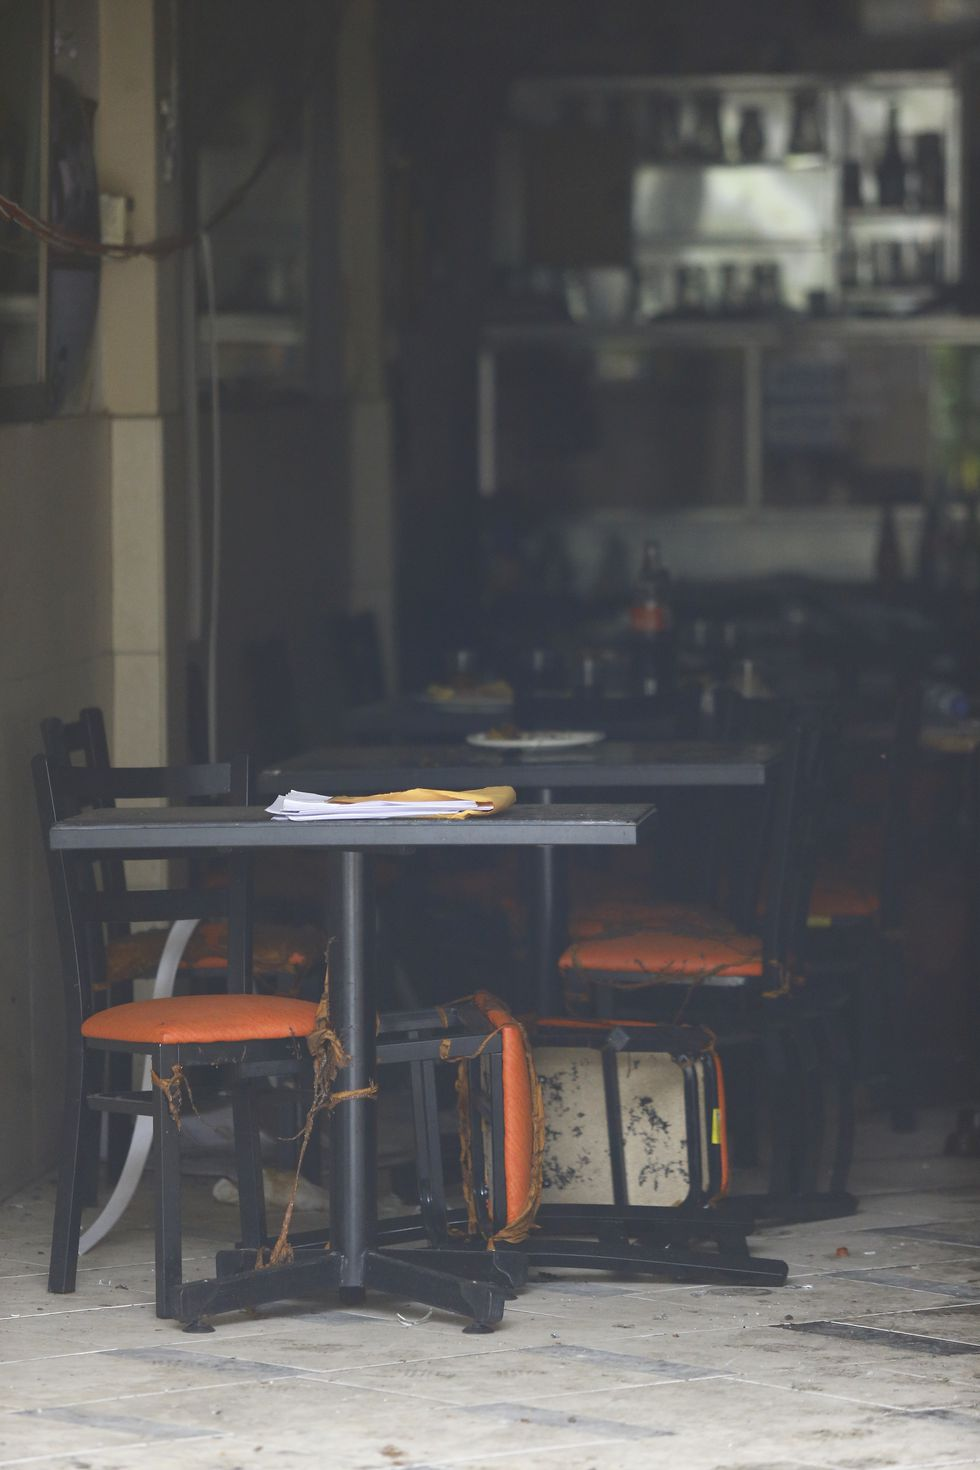 Así se encuentra el interior del restaurante La Norteña. El local aun se encuentra cerrado por la Policía Nacional. (Foto: Allen Quintana)